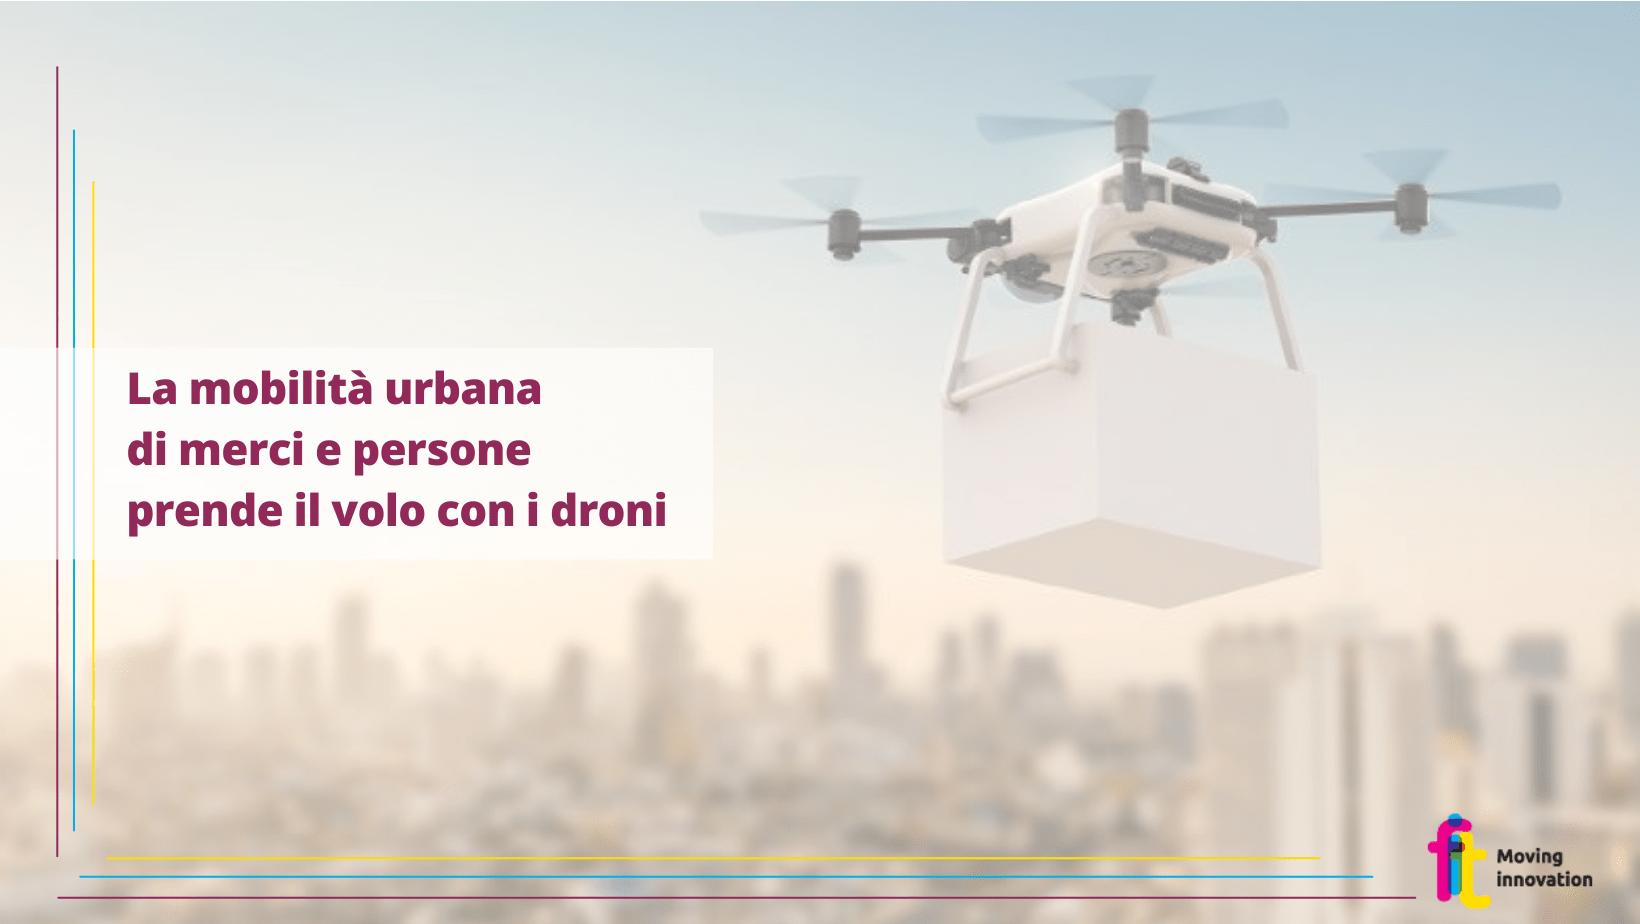 La mobilità urbana prende il volo, al via la partnership tra FF2020, AiRMOUR e AURORA per l'uso dei droni nel trasporto merci e passeggeri